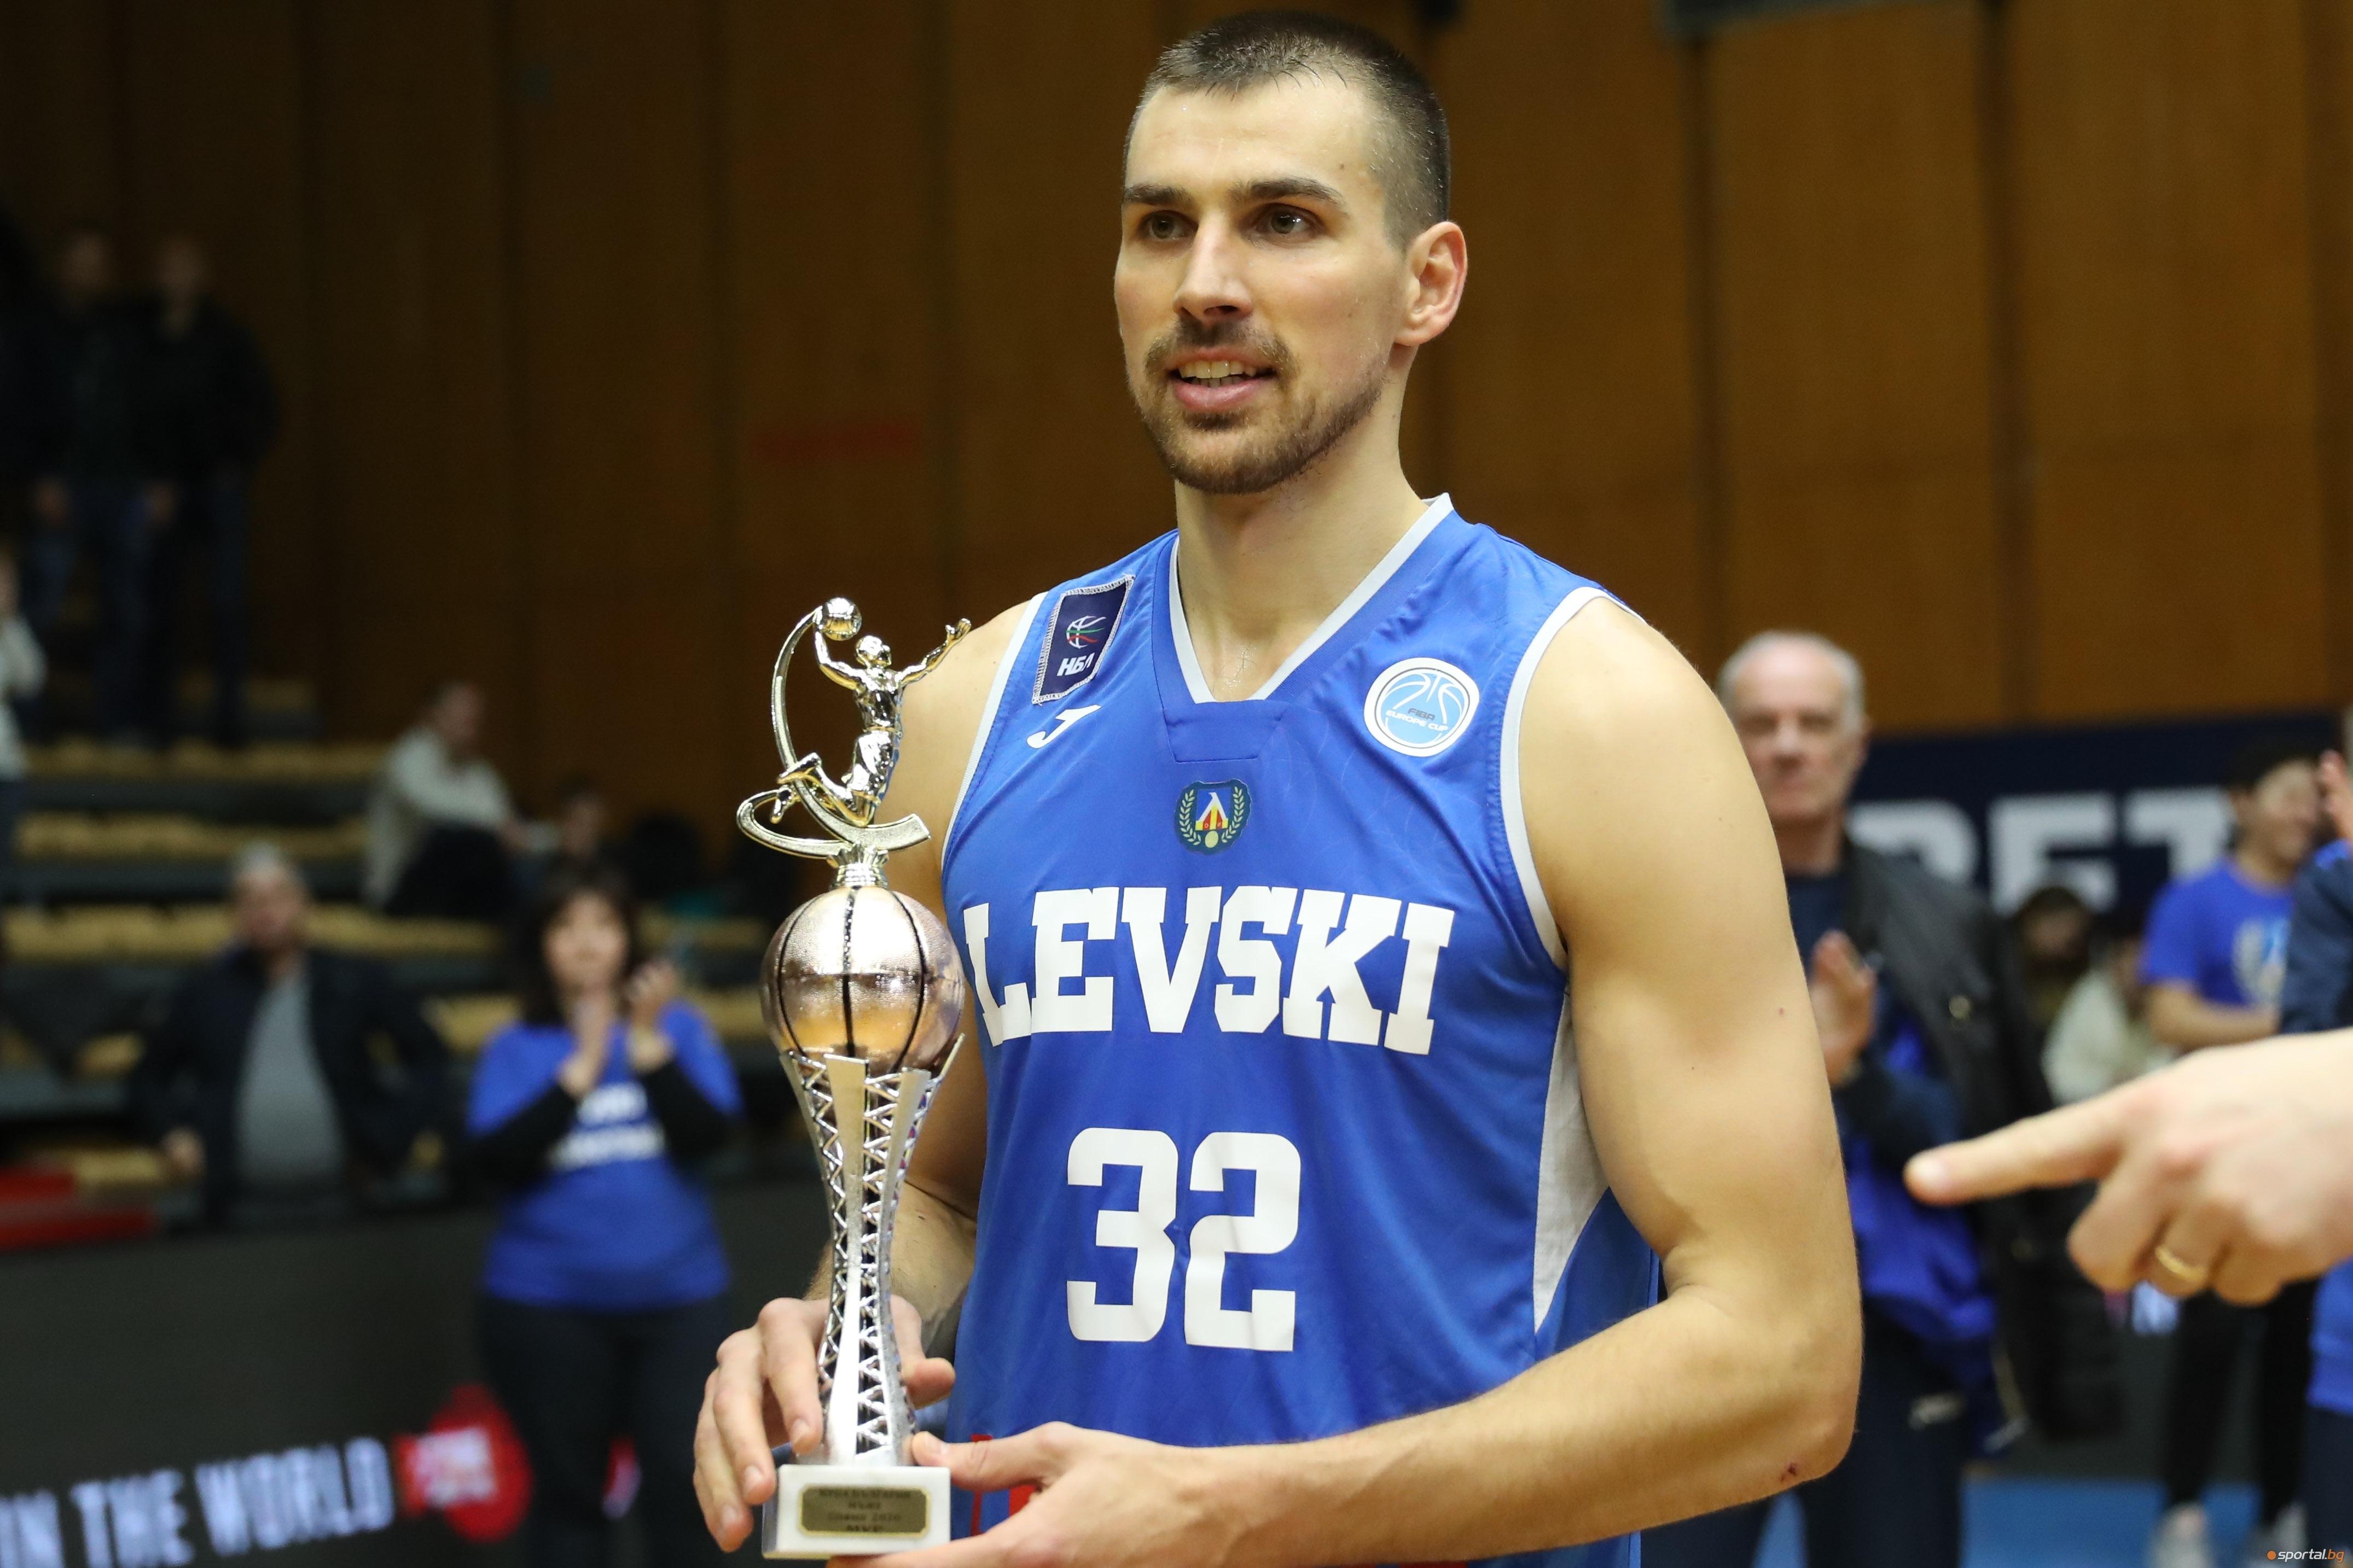 Зведата на Левски Лукойл Христо Захариев, който беше избран за